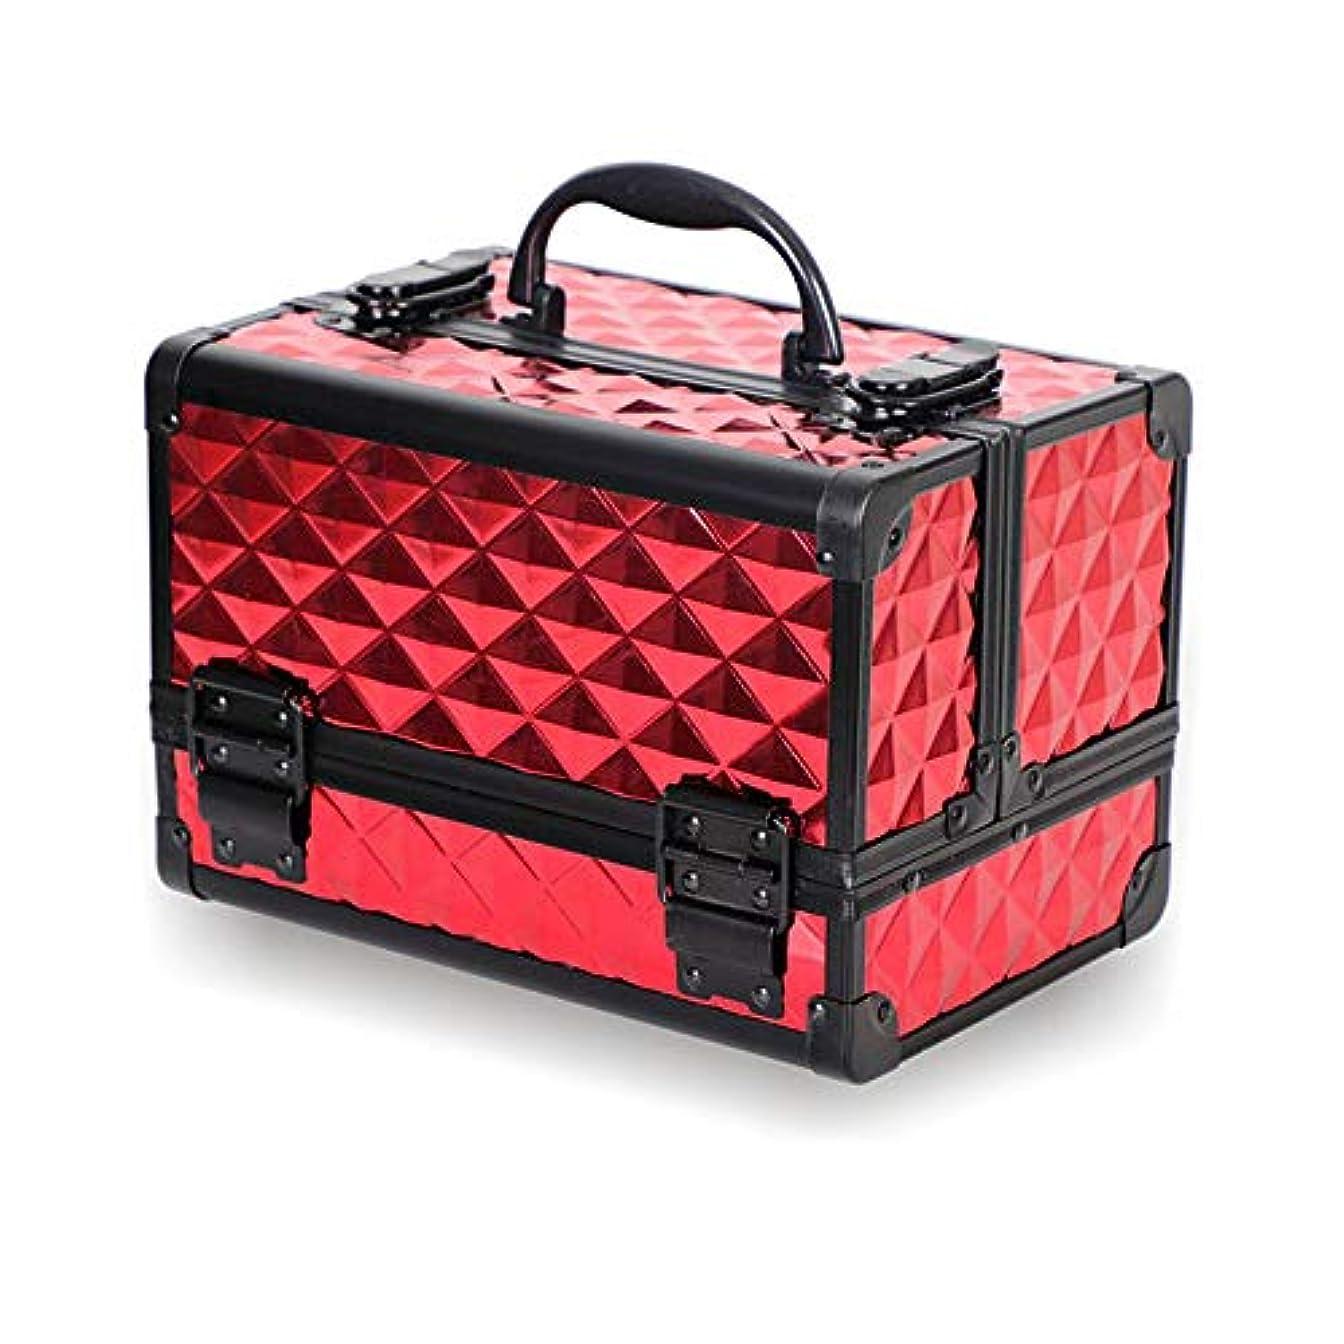 言い聞かせる引き出しパステル特大スペース収納ビューティーボックス 美の構造のためそしてジッパーおよび折る皿が付いている女の子の女性旅行そして毎日の貯蔵のための高容量の携帯用化粧品袋 化粧品化粧台 (色 : 赤)